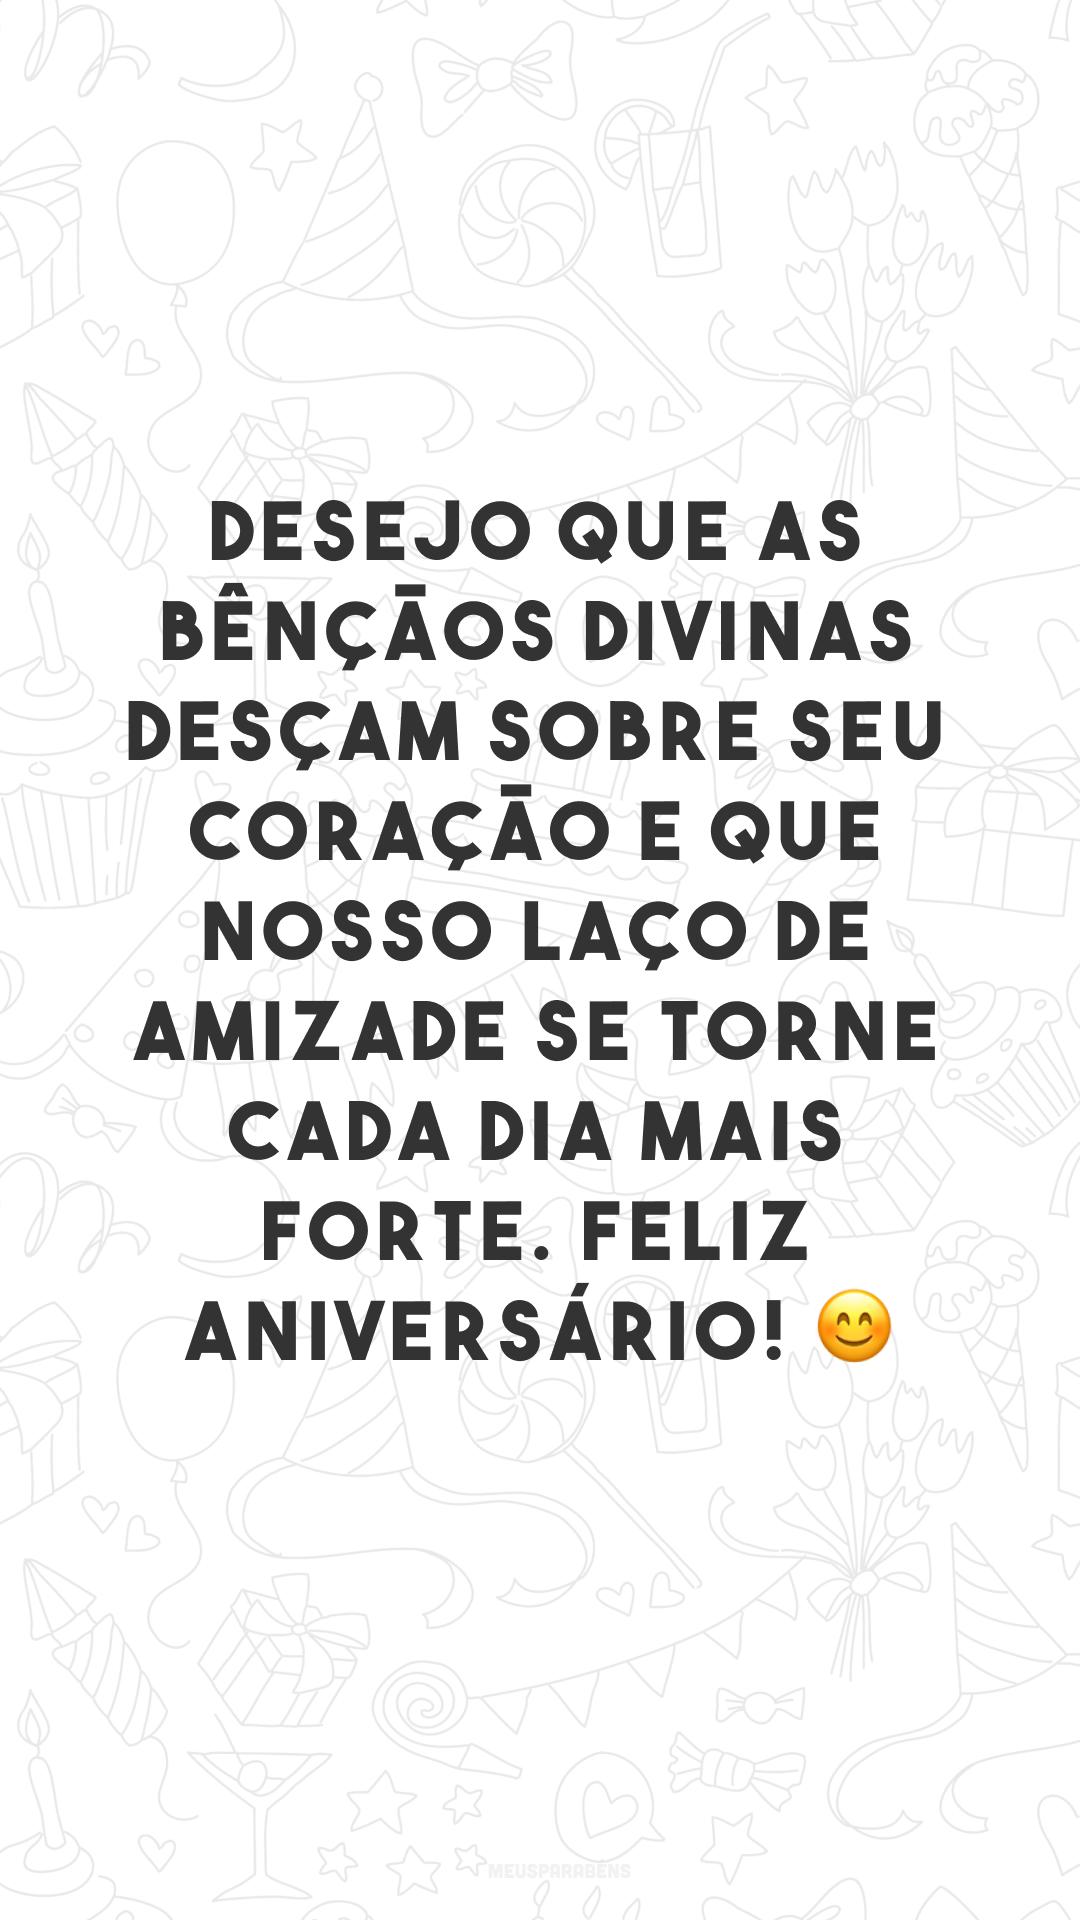 Desejo que as bênçãos divinas desçam sobre seu coração e que nosso laço de amizade se torne cada dia mais forte. Feliz aniversário! 😊